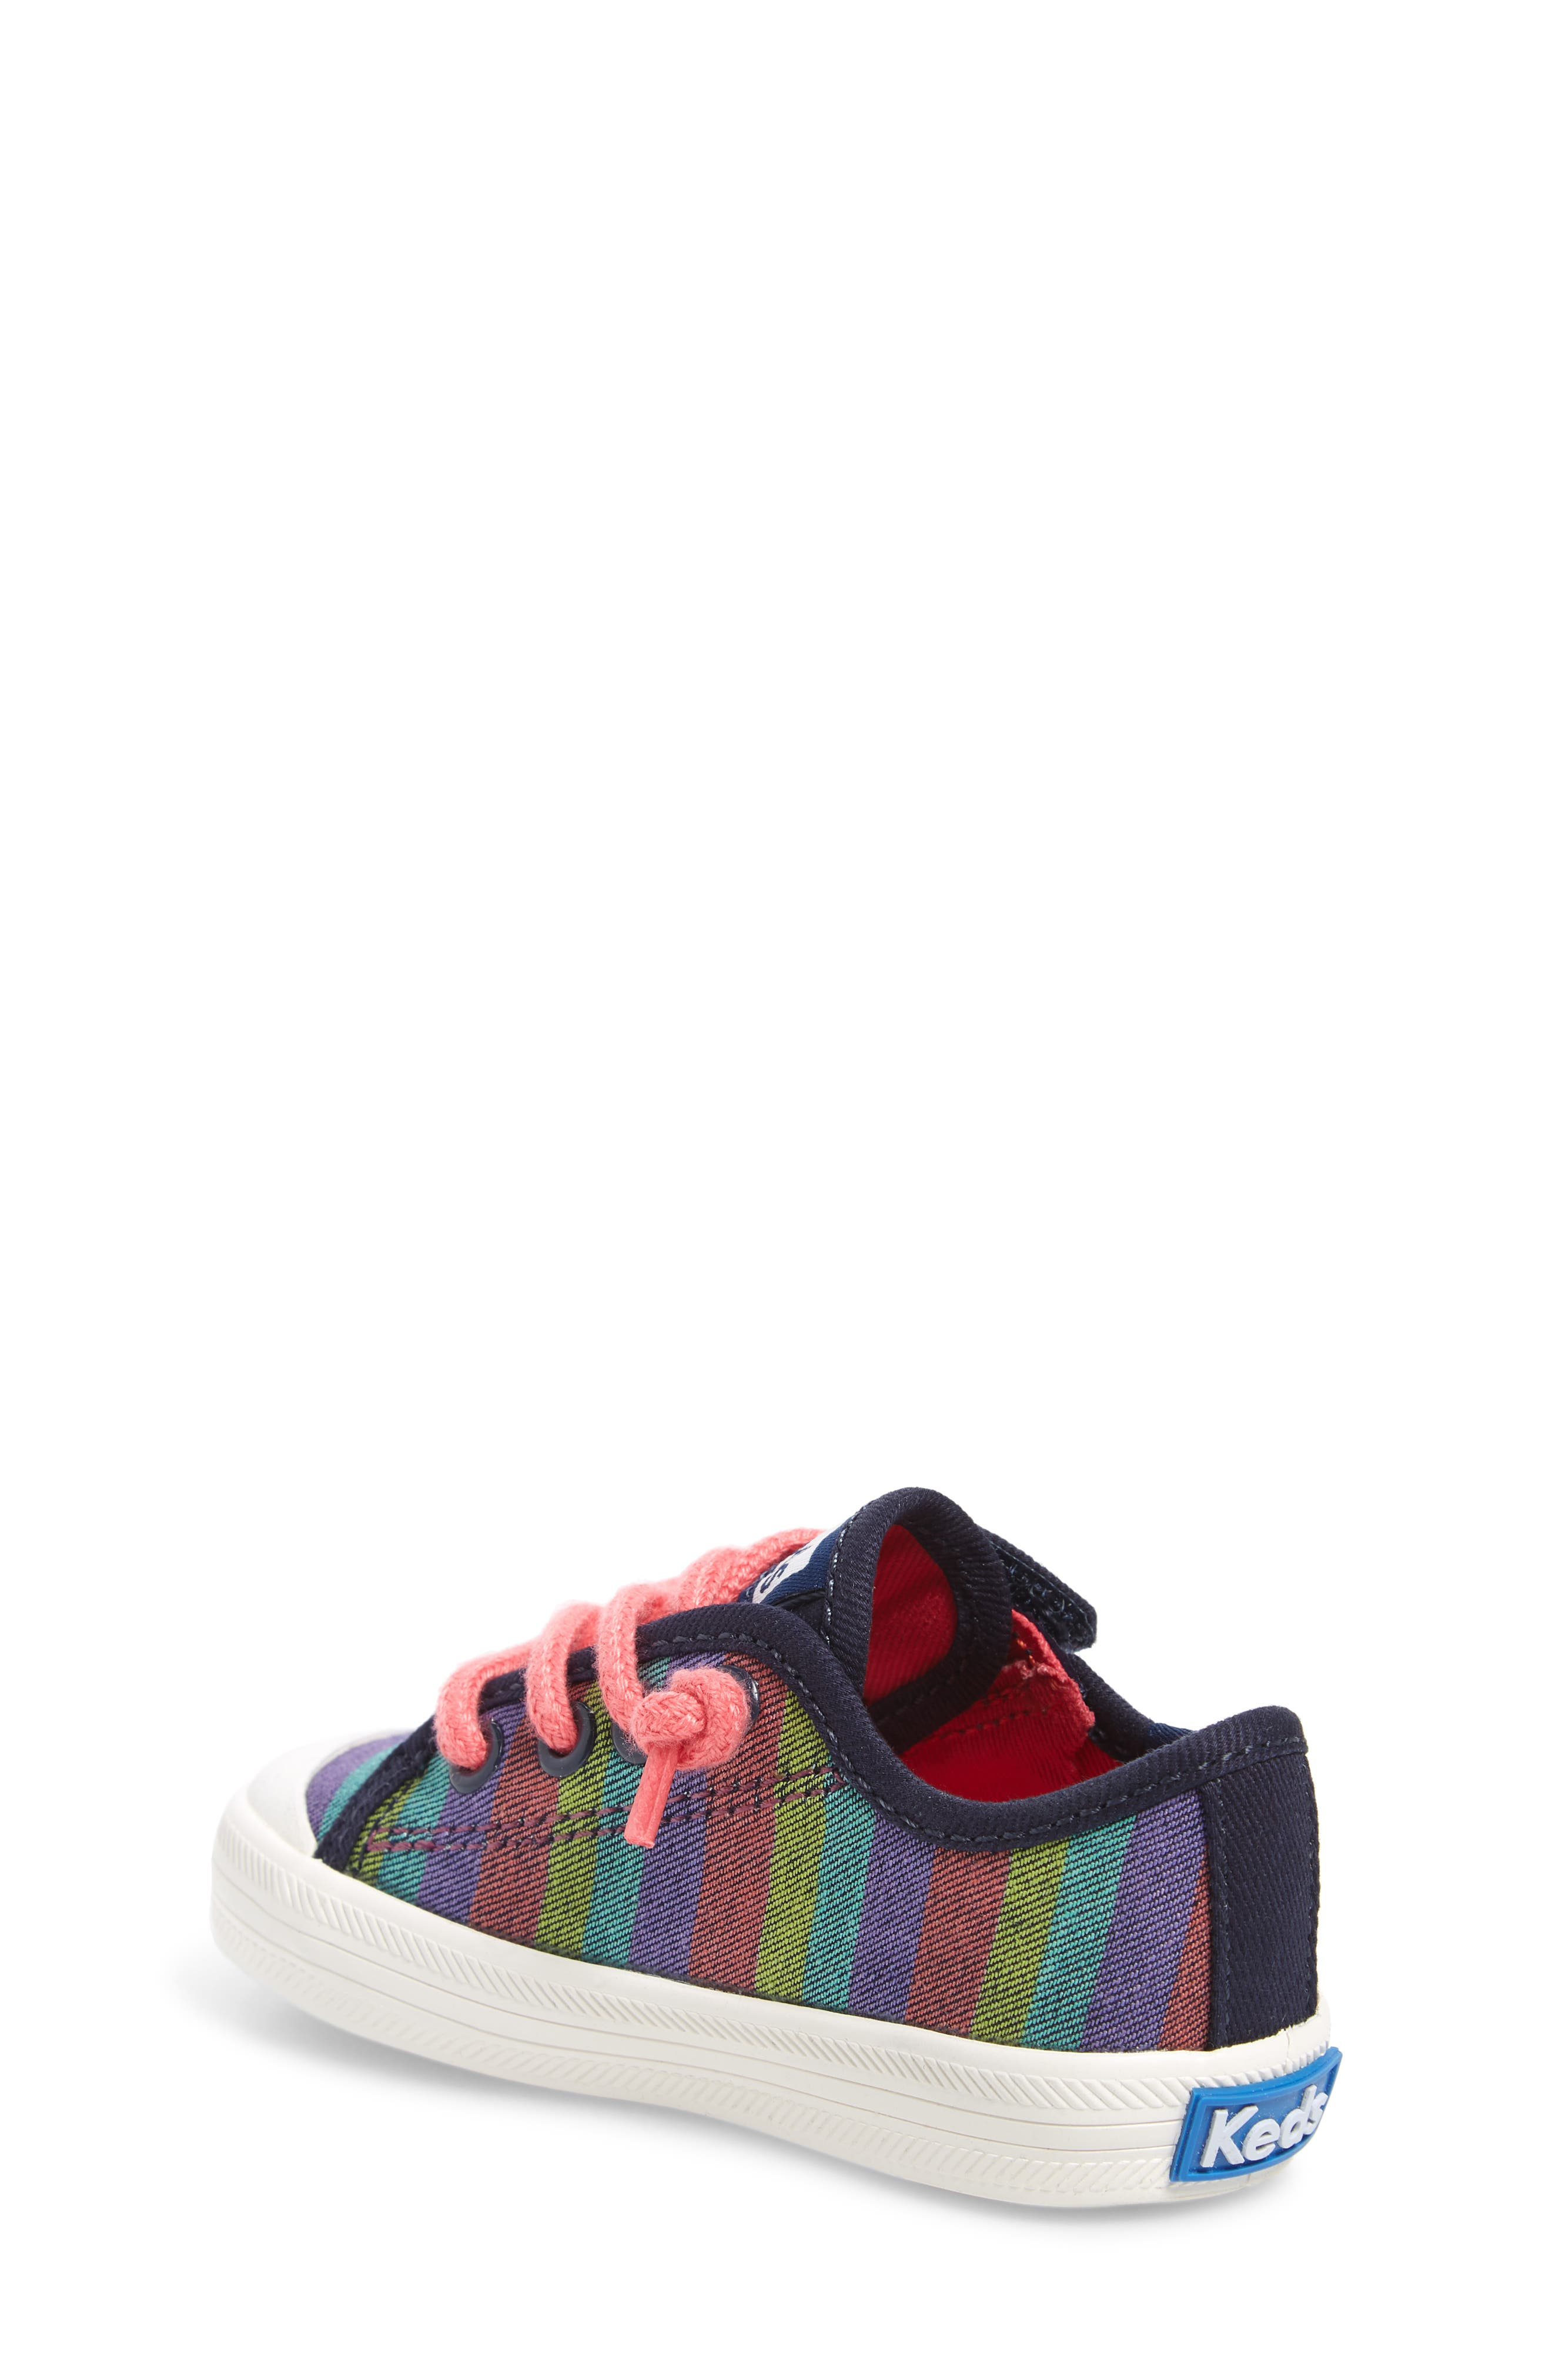 Baby Walker Toddler Keds Shoes Nordstrom